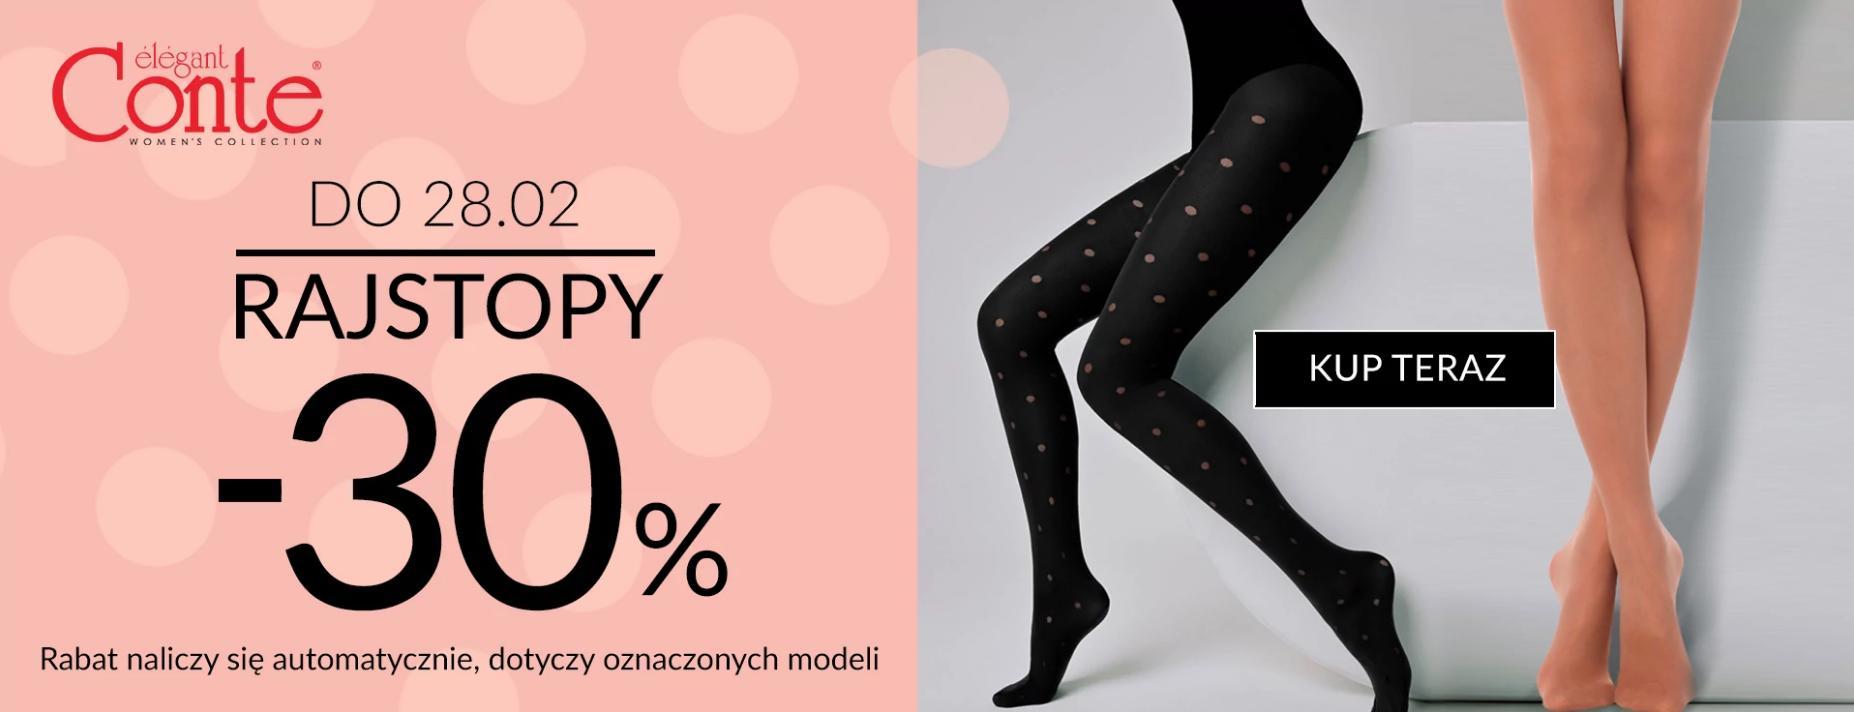 Quiosque: 30% zniżki na rajstopy marki Conte Elegant